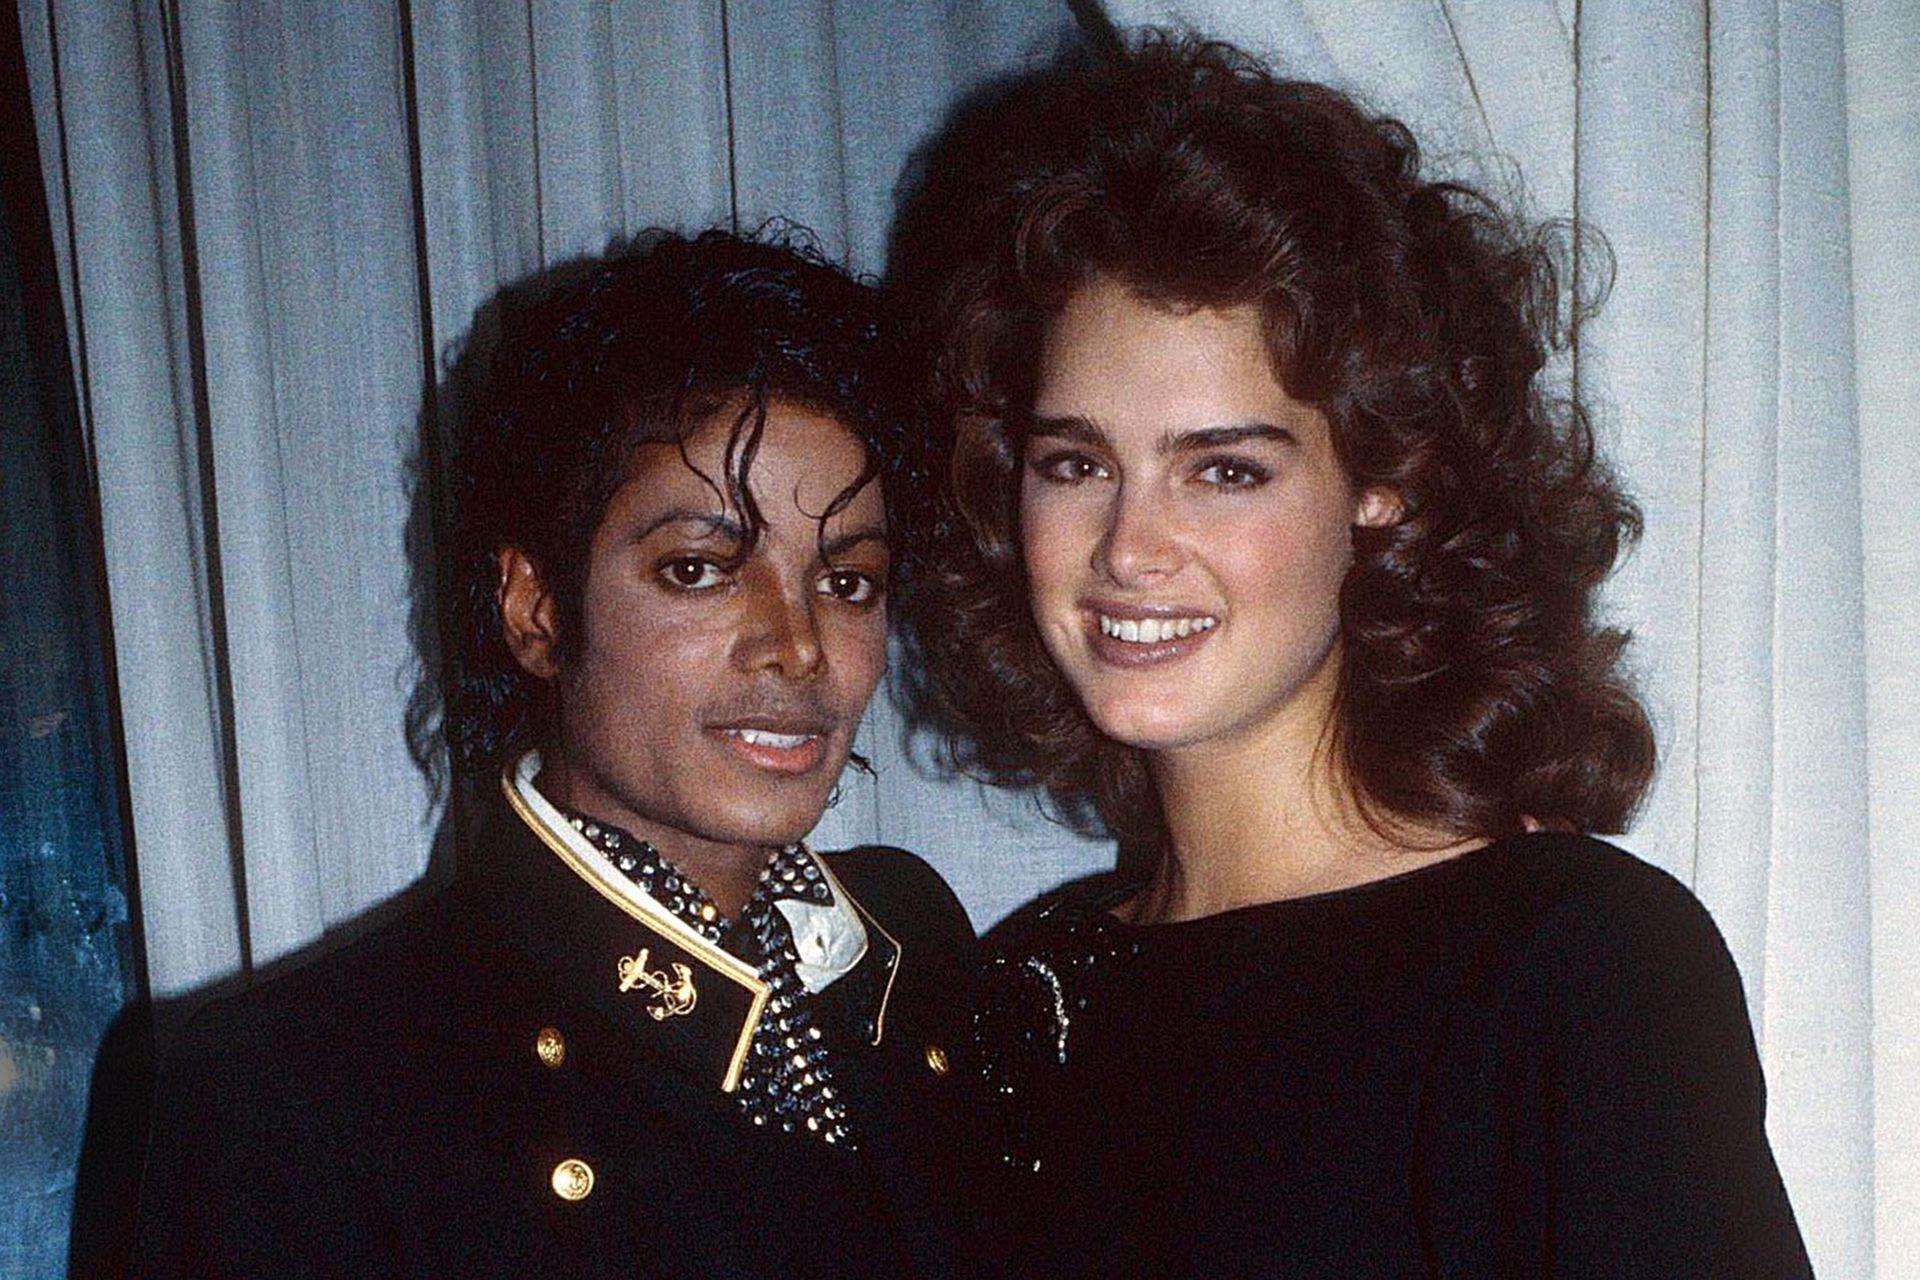 Michael Jackson y Brooke Shields fueron grandes amigos pero nunca tuvieron un romance